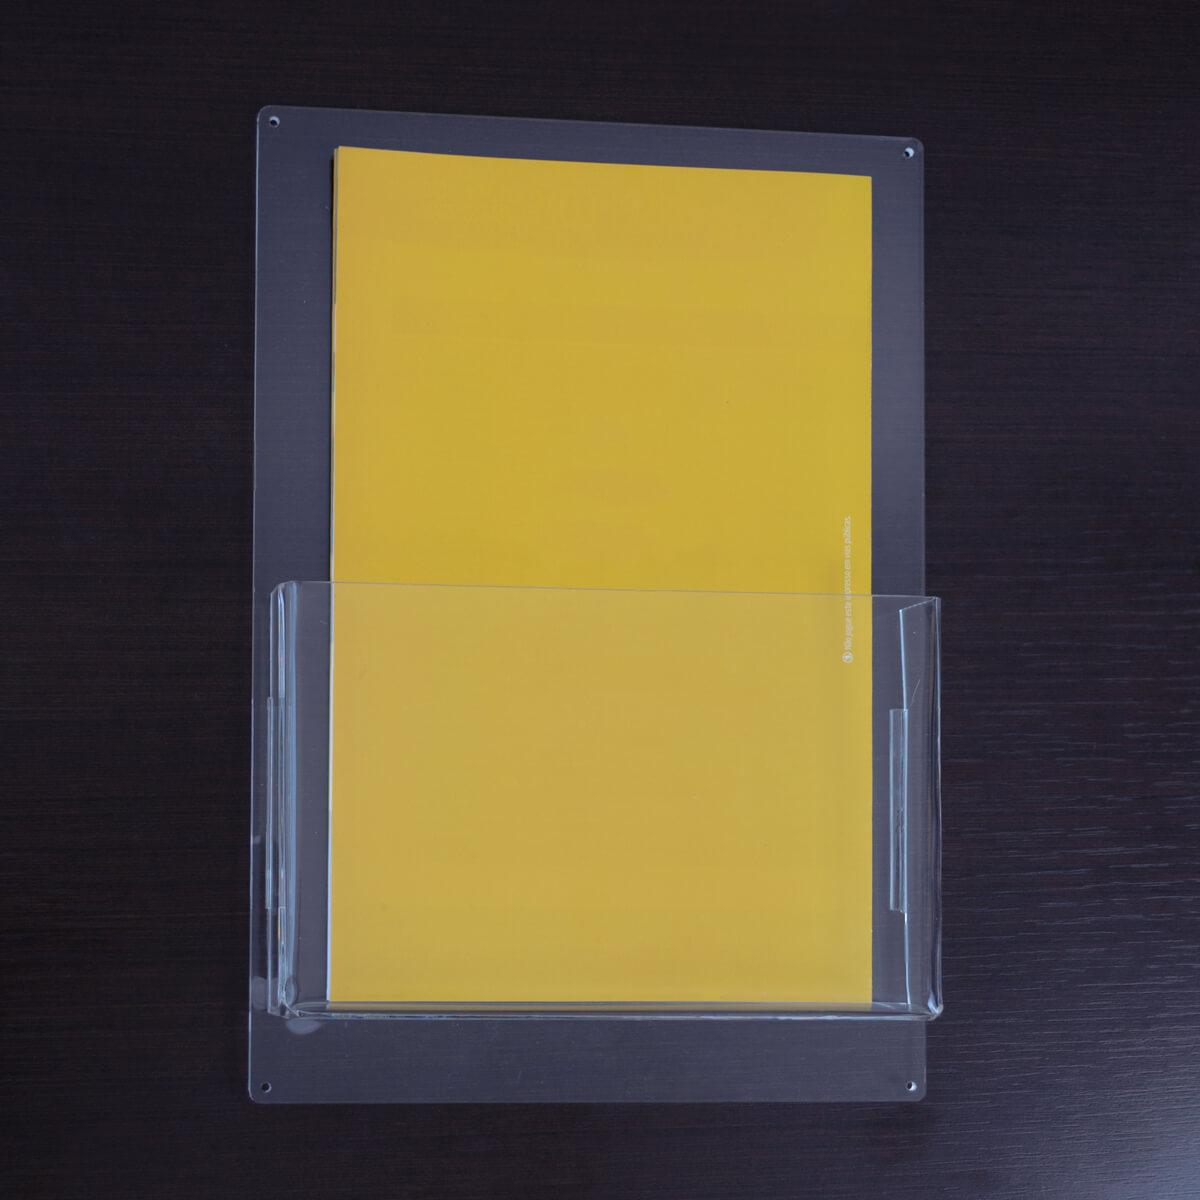 Porta folheto a5 de acrílico